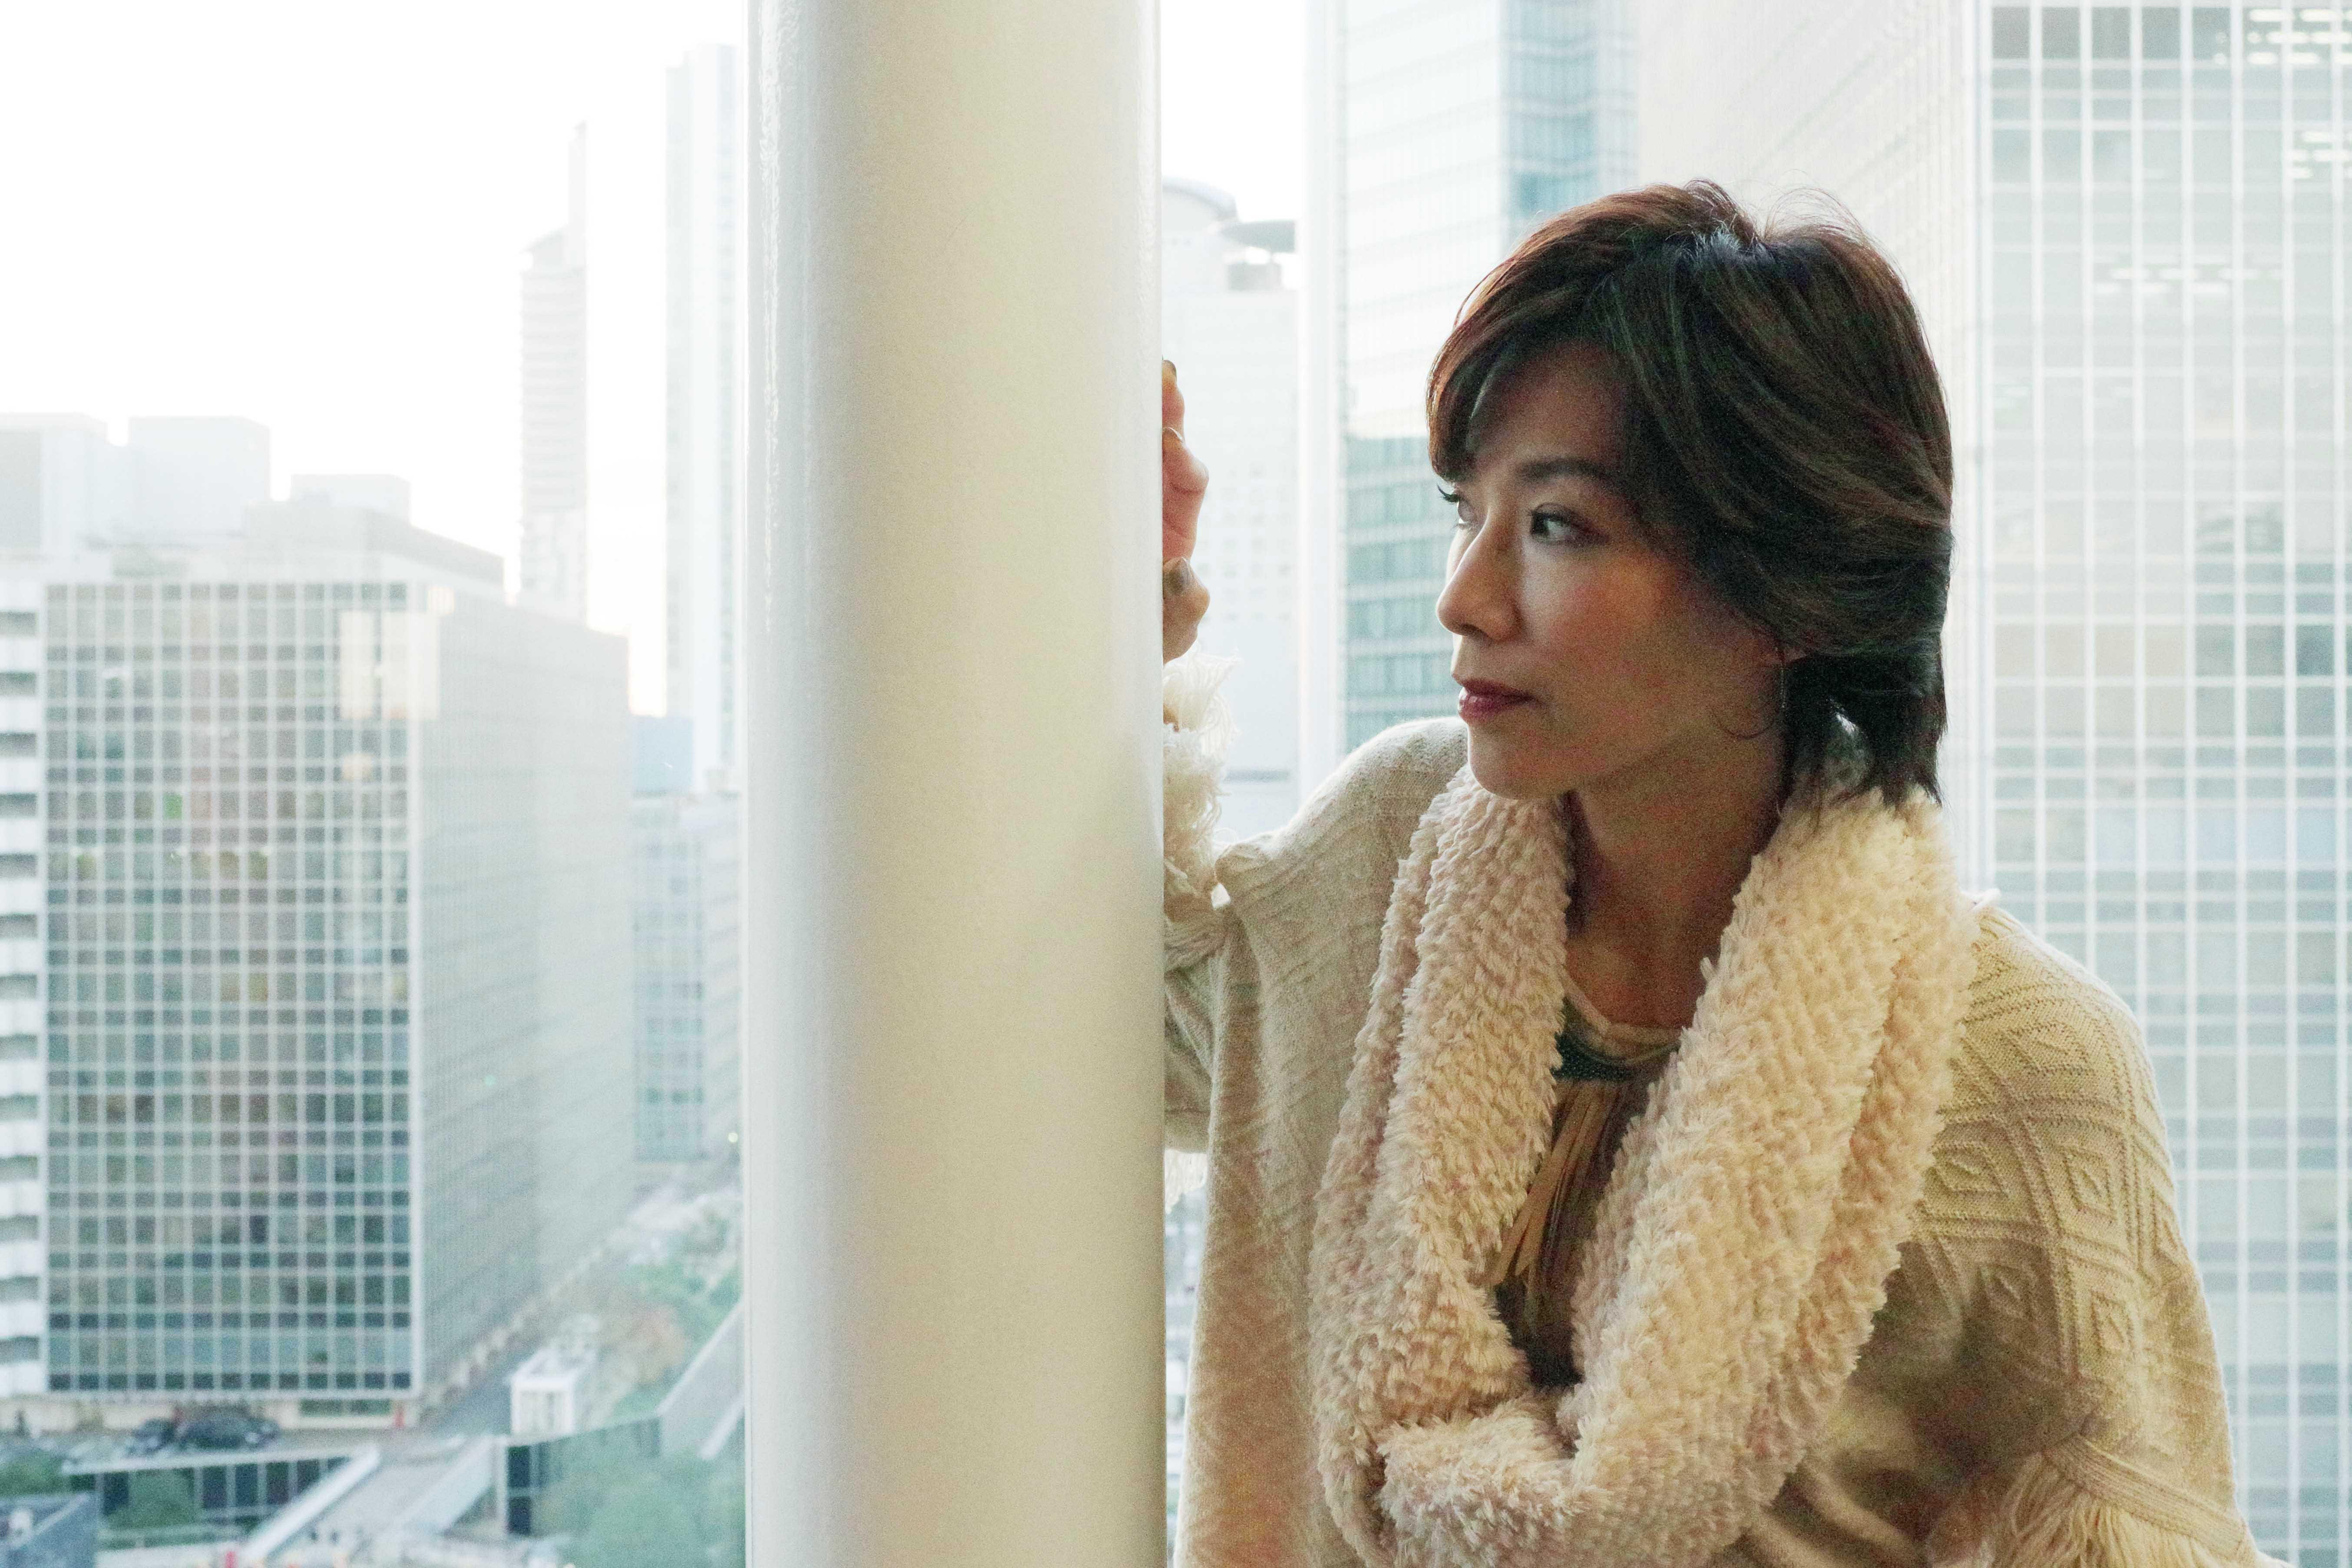 11月25日に誕生日を迎え、「未来を落ち着いて考えられるようになりました」と真琴つばさ(大阪市内)